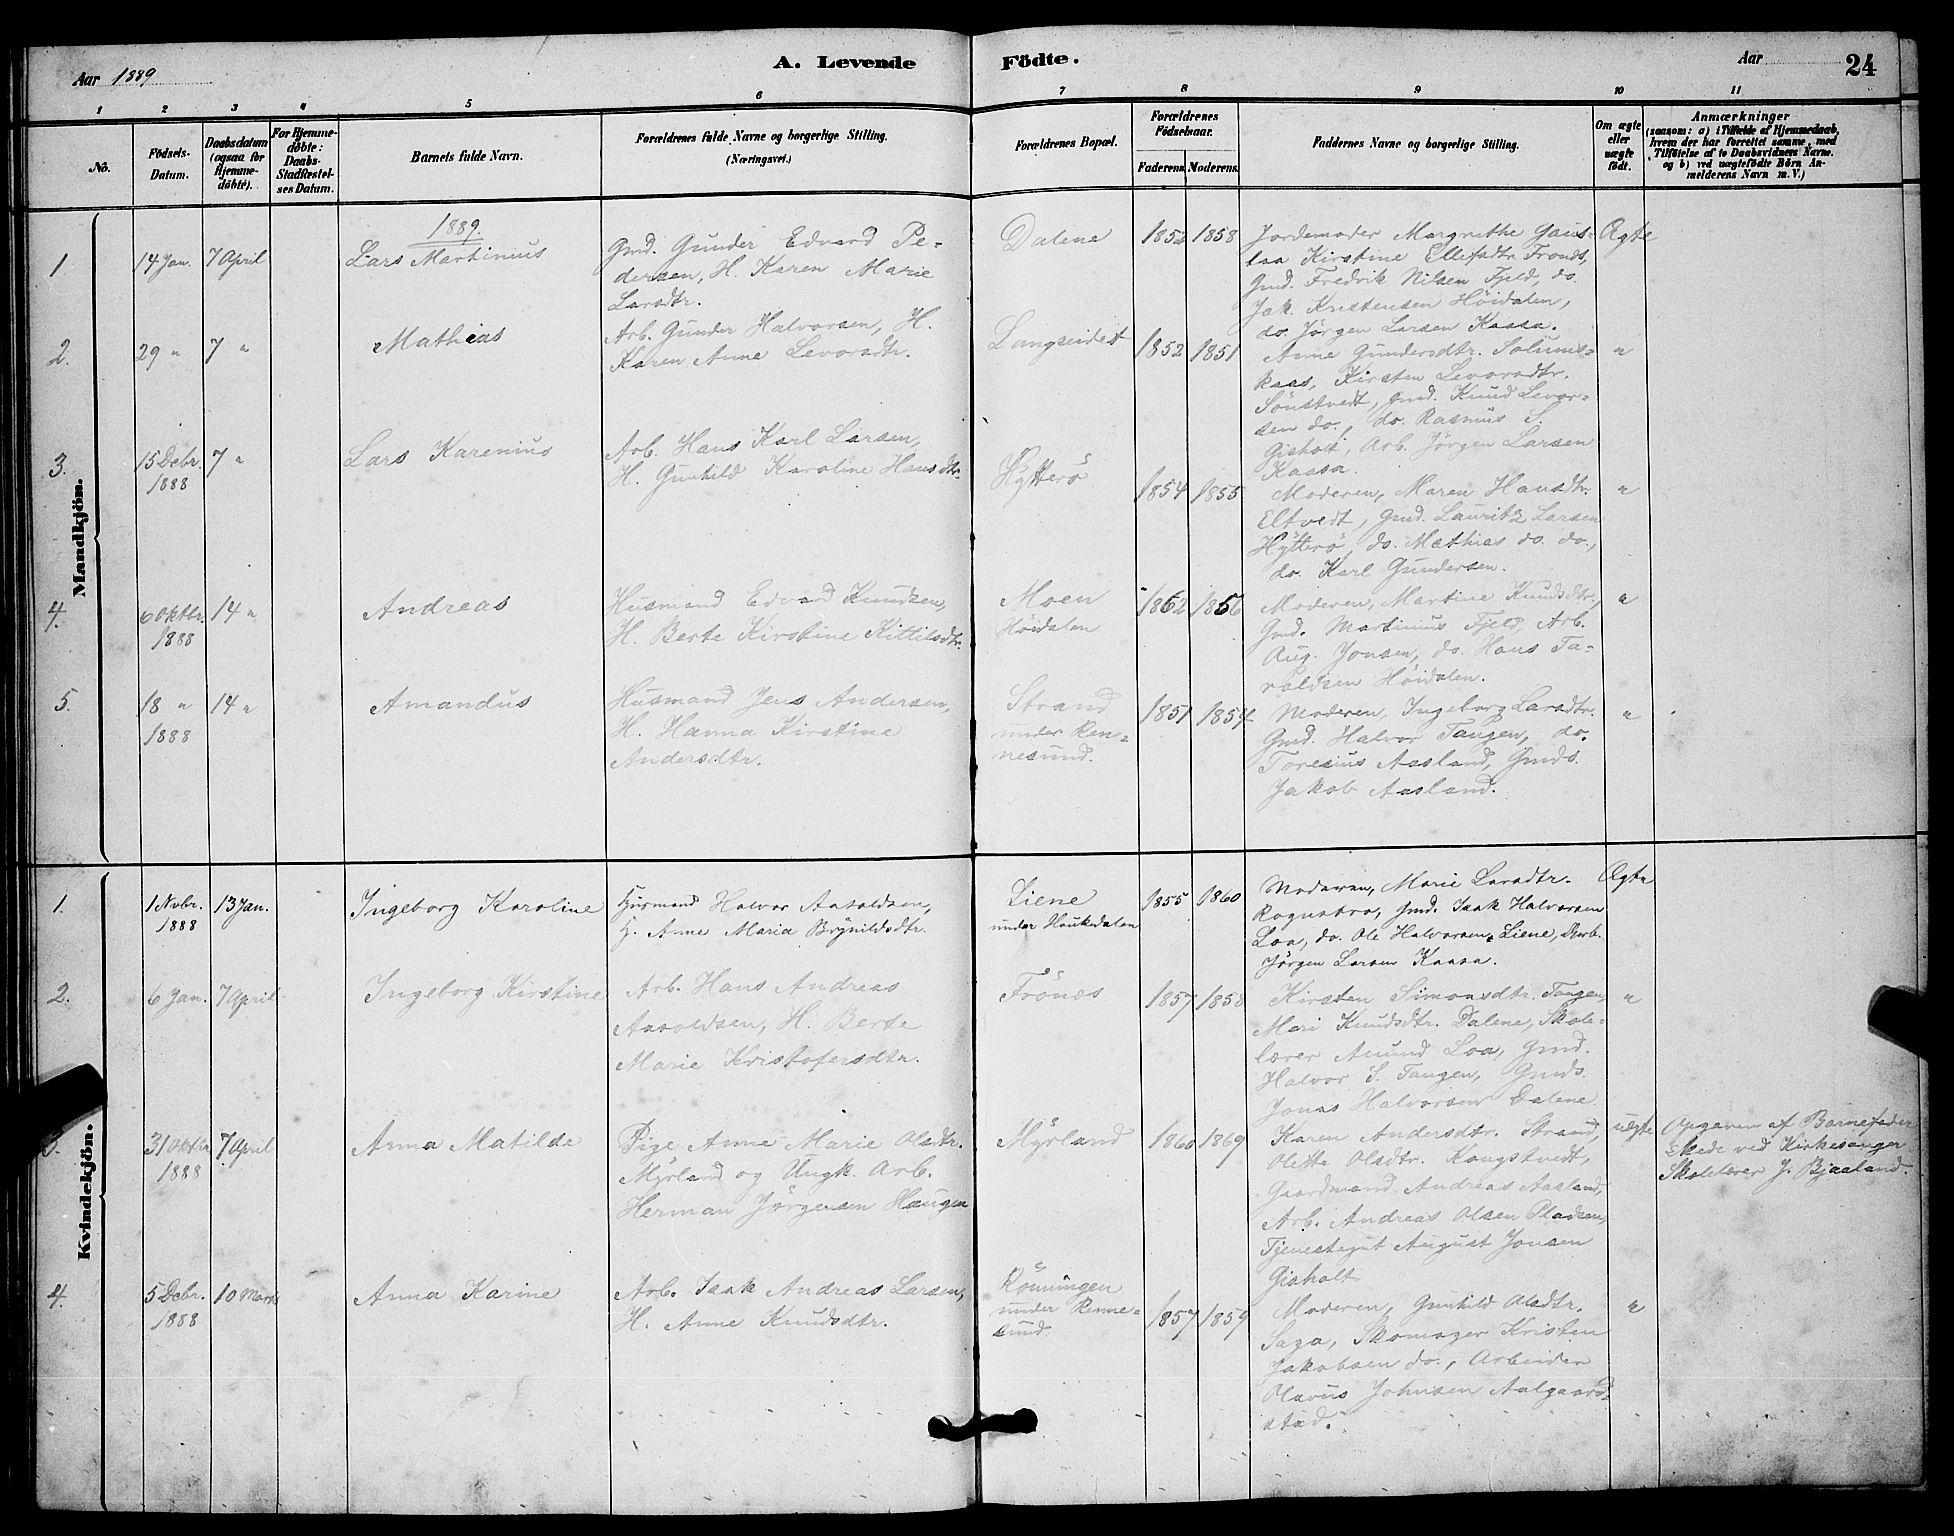 SAKO, Solum kirkebøker, G/Gc/L0001: Klokkerbok nr. III 1, 1880-1902, s. 24